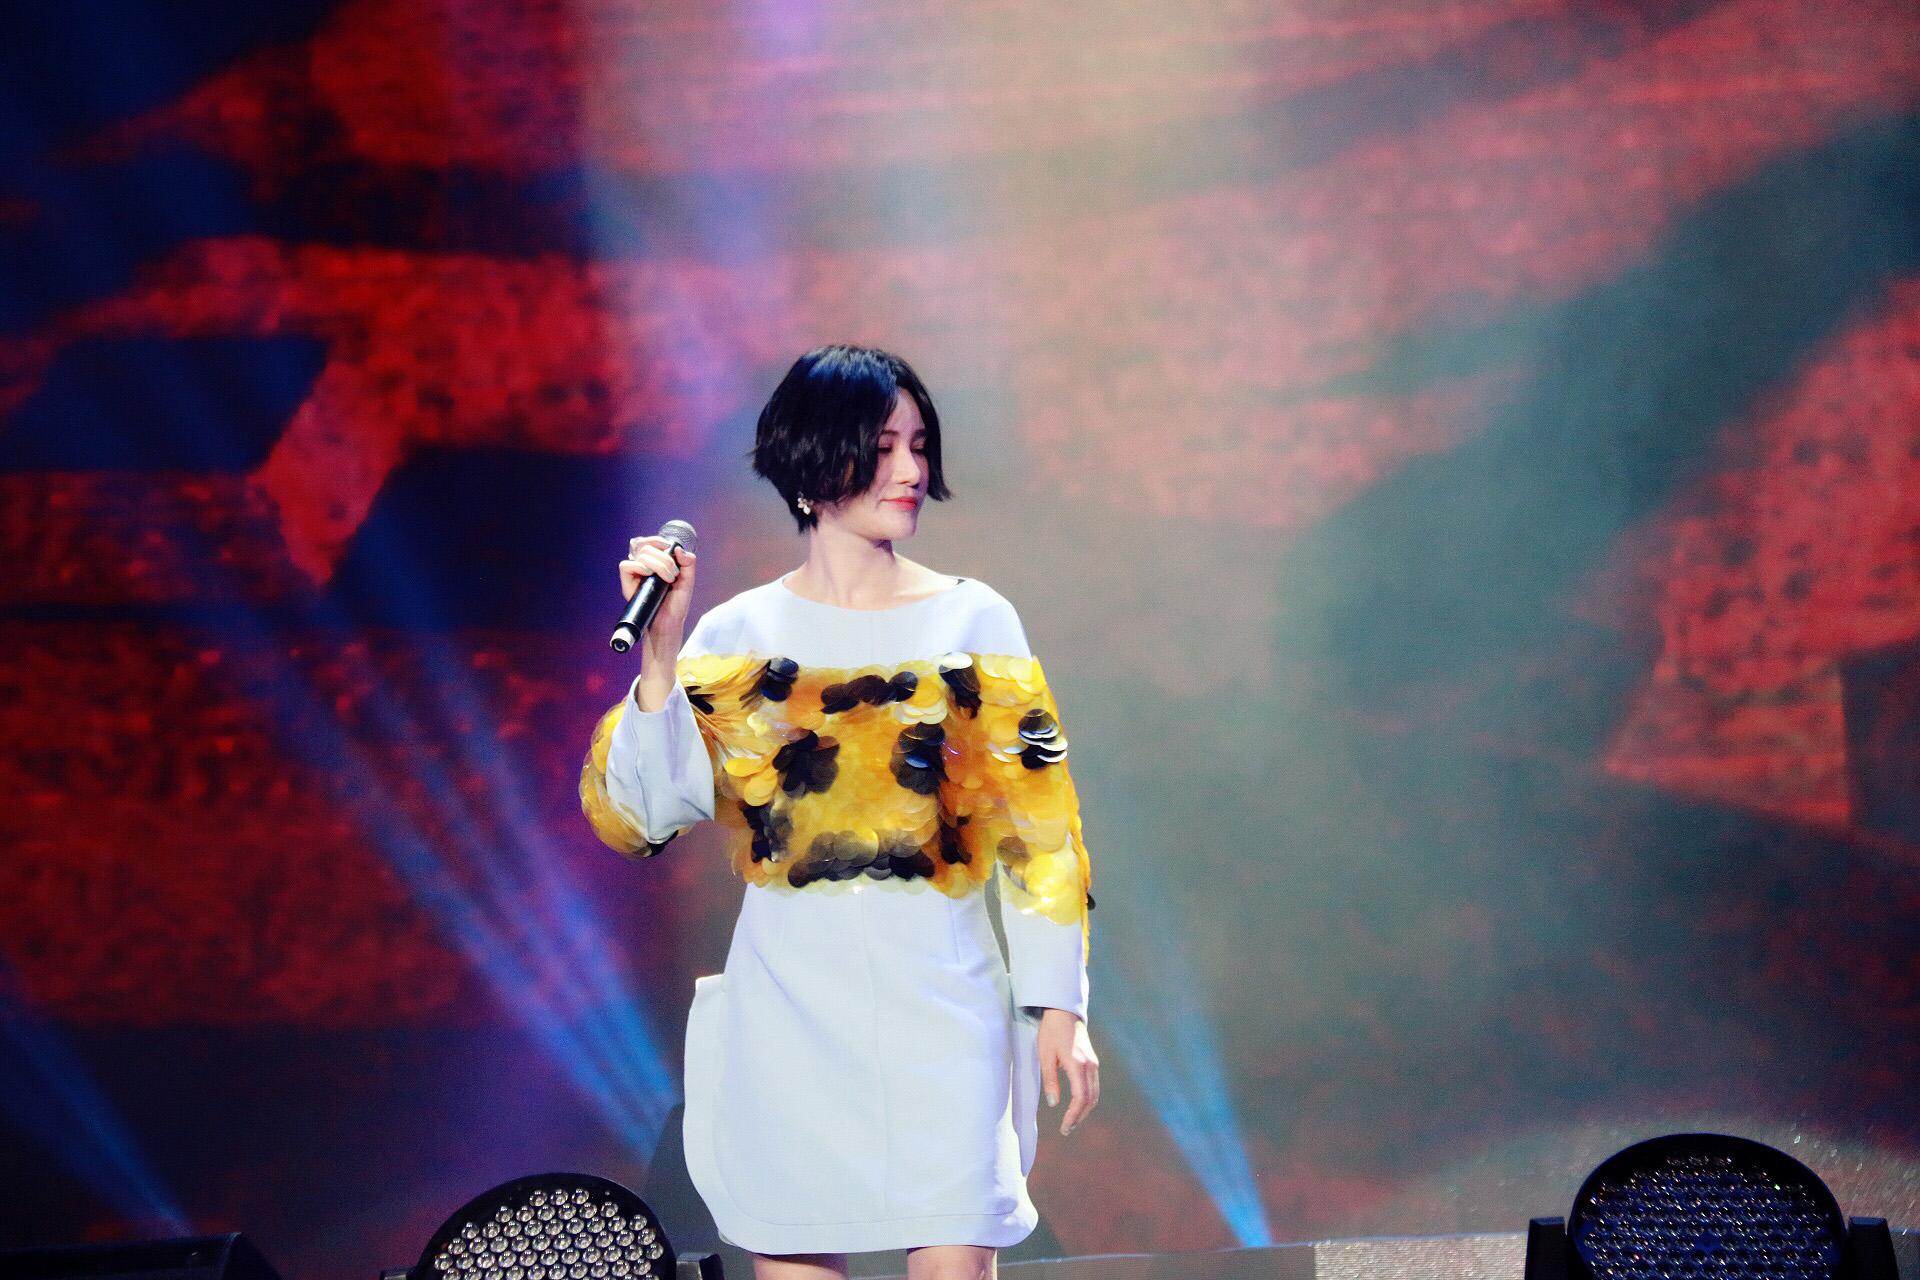 尚雯婕亮相大展live实力 全新原创专辑年内上线